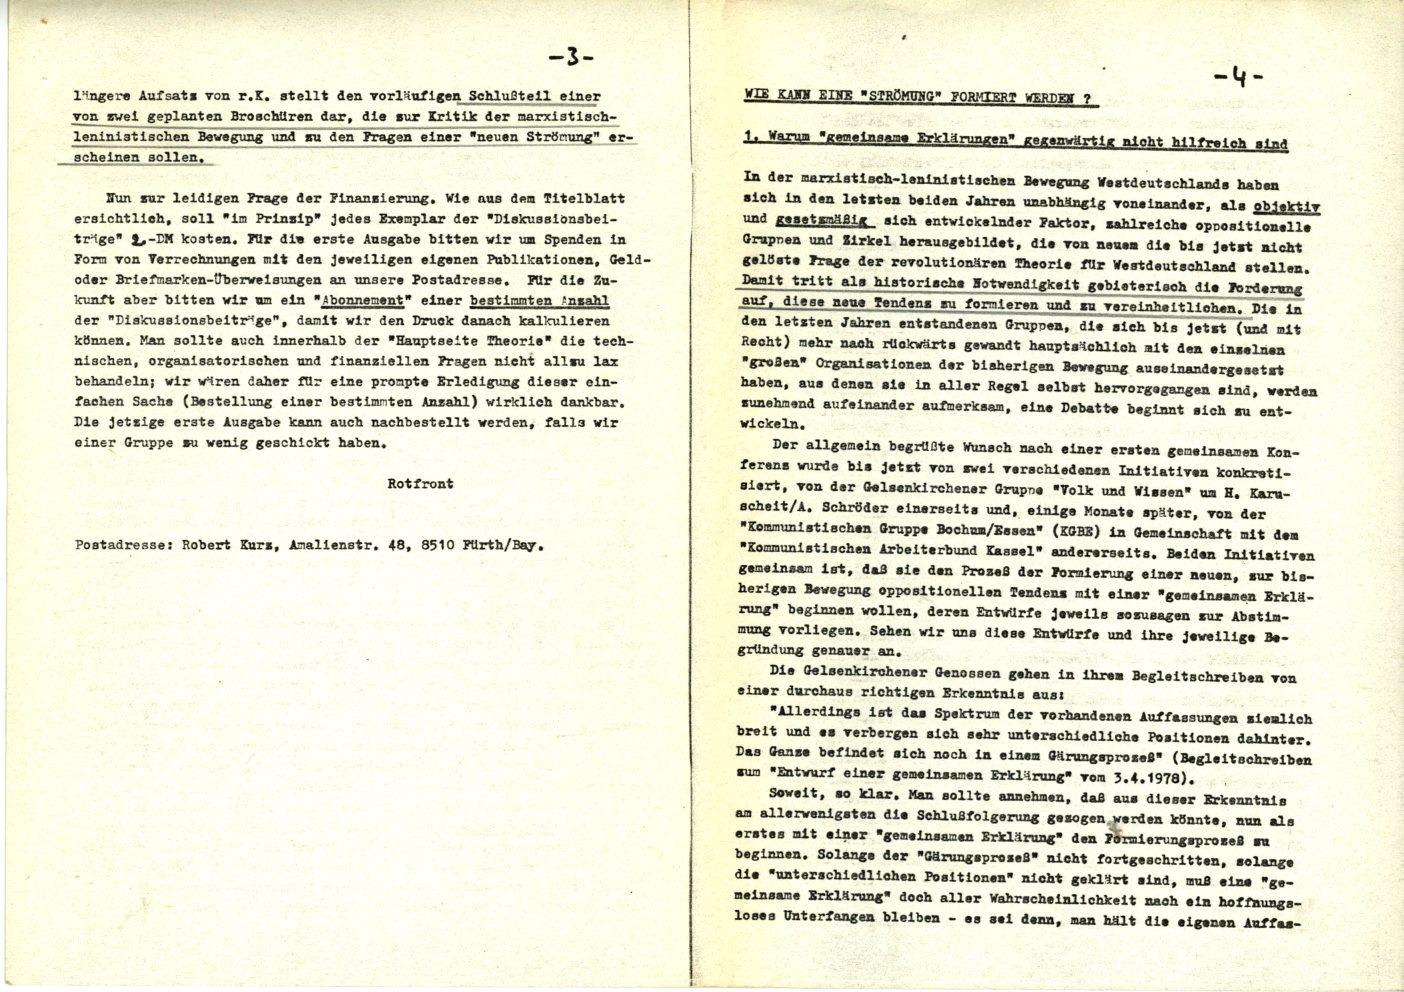 Nuernberg_Fuerth_Erlangen_ML_Diskussionsbeitraege_1978_01_03